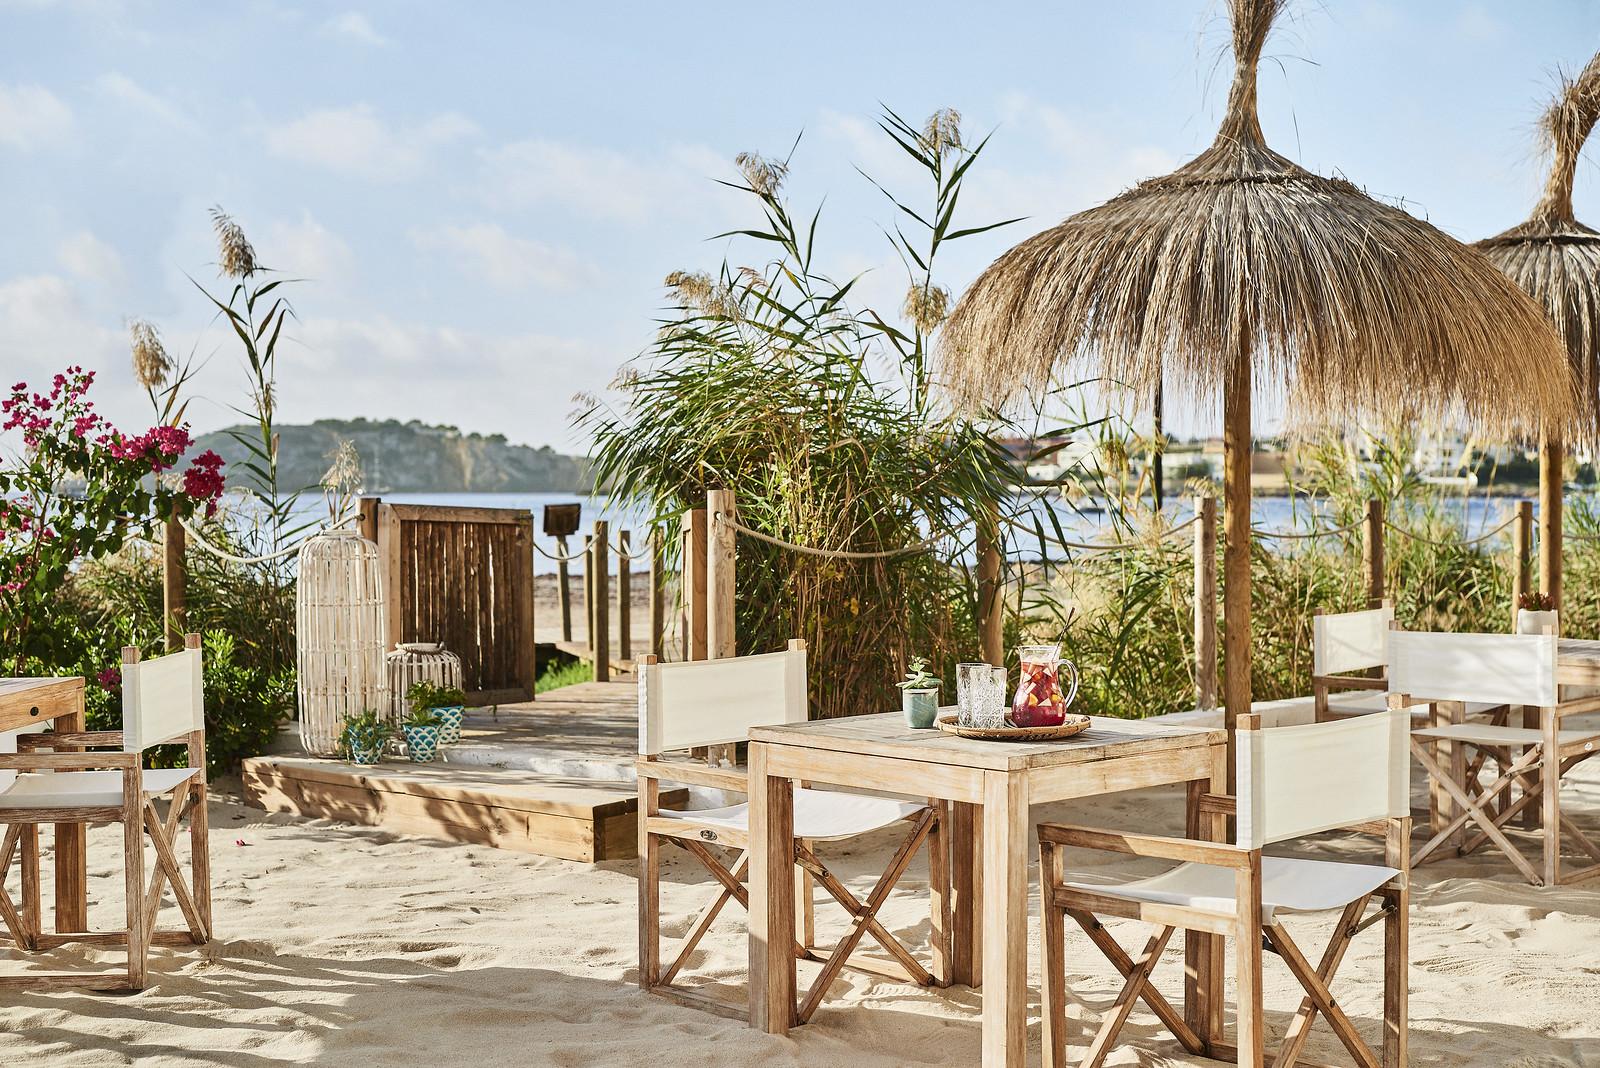 https://www.white-ibiza.com/wp-content/uploads/2020/03/ibiza-restaurants-chambao-2019-01.jpg